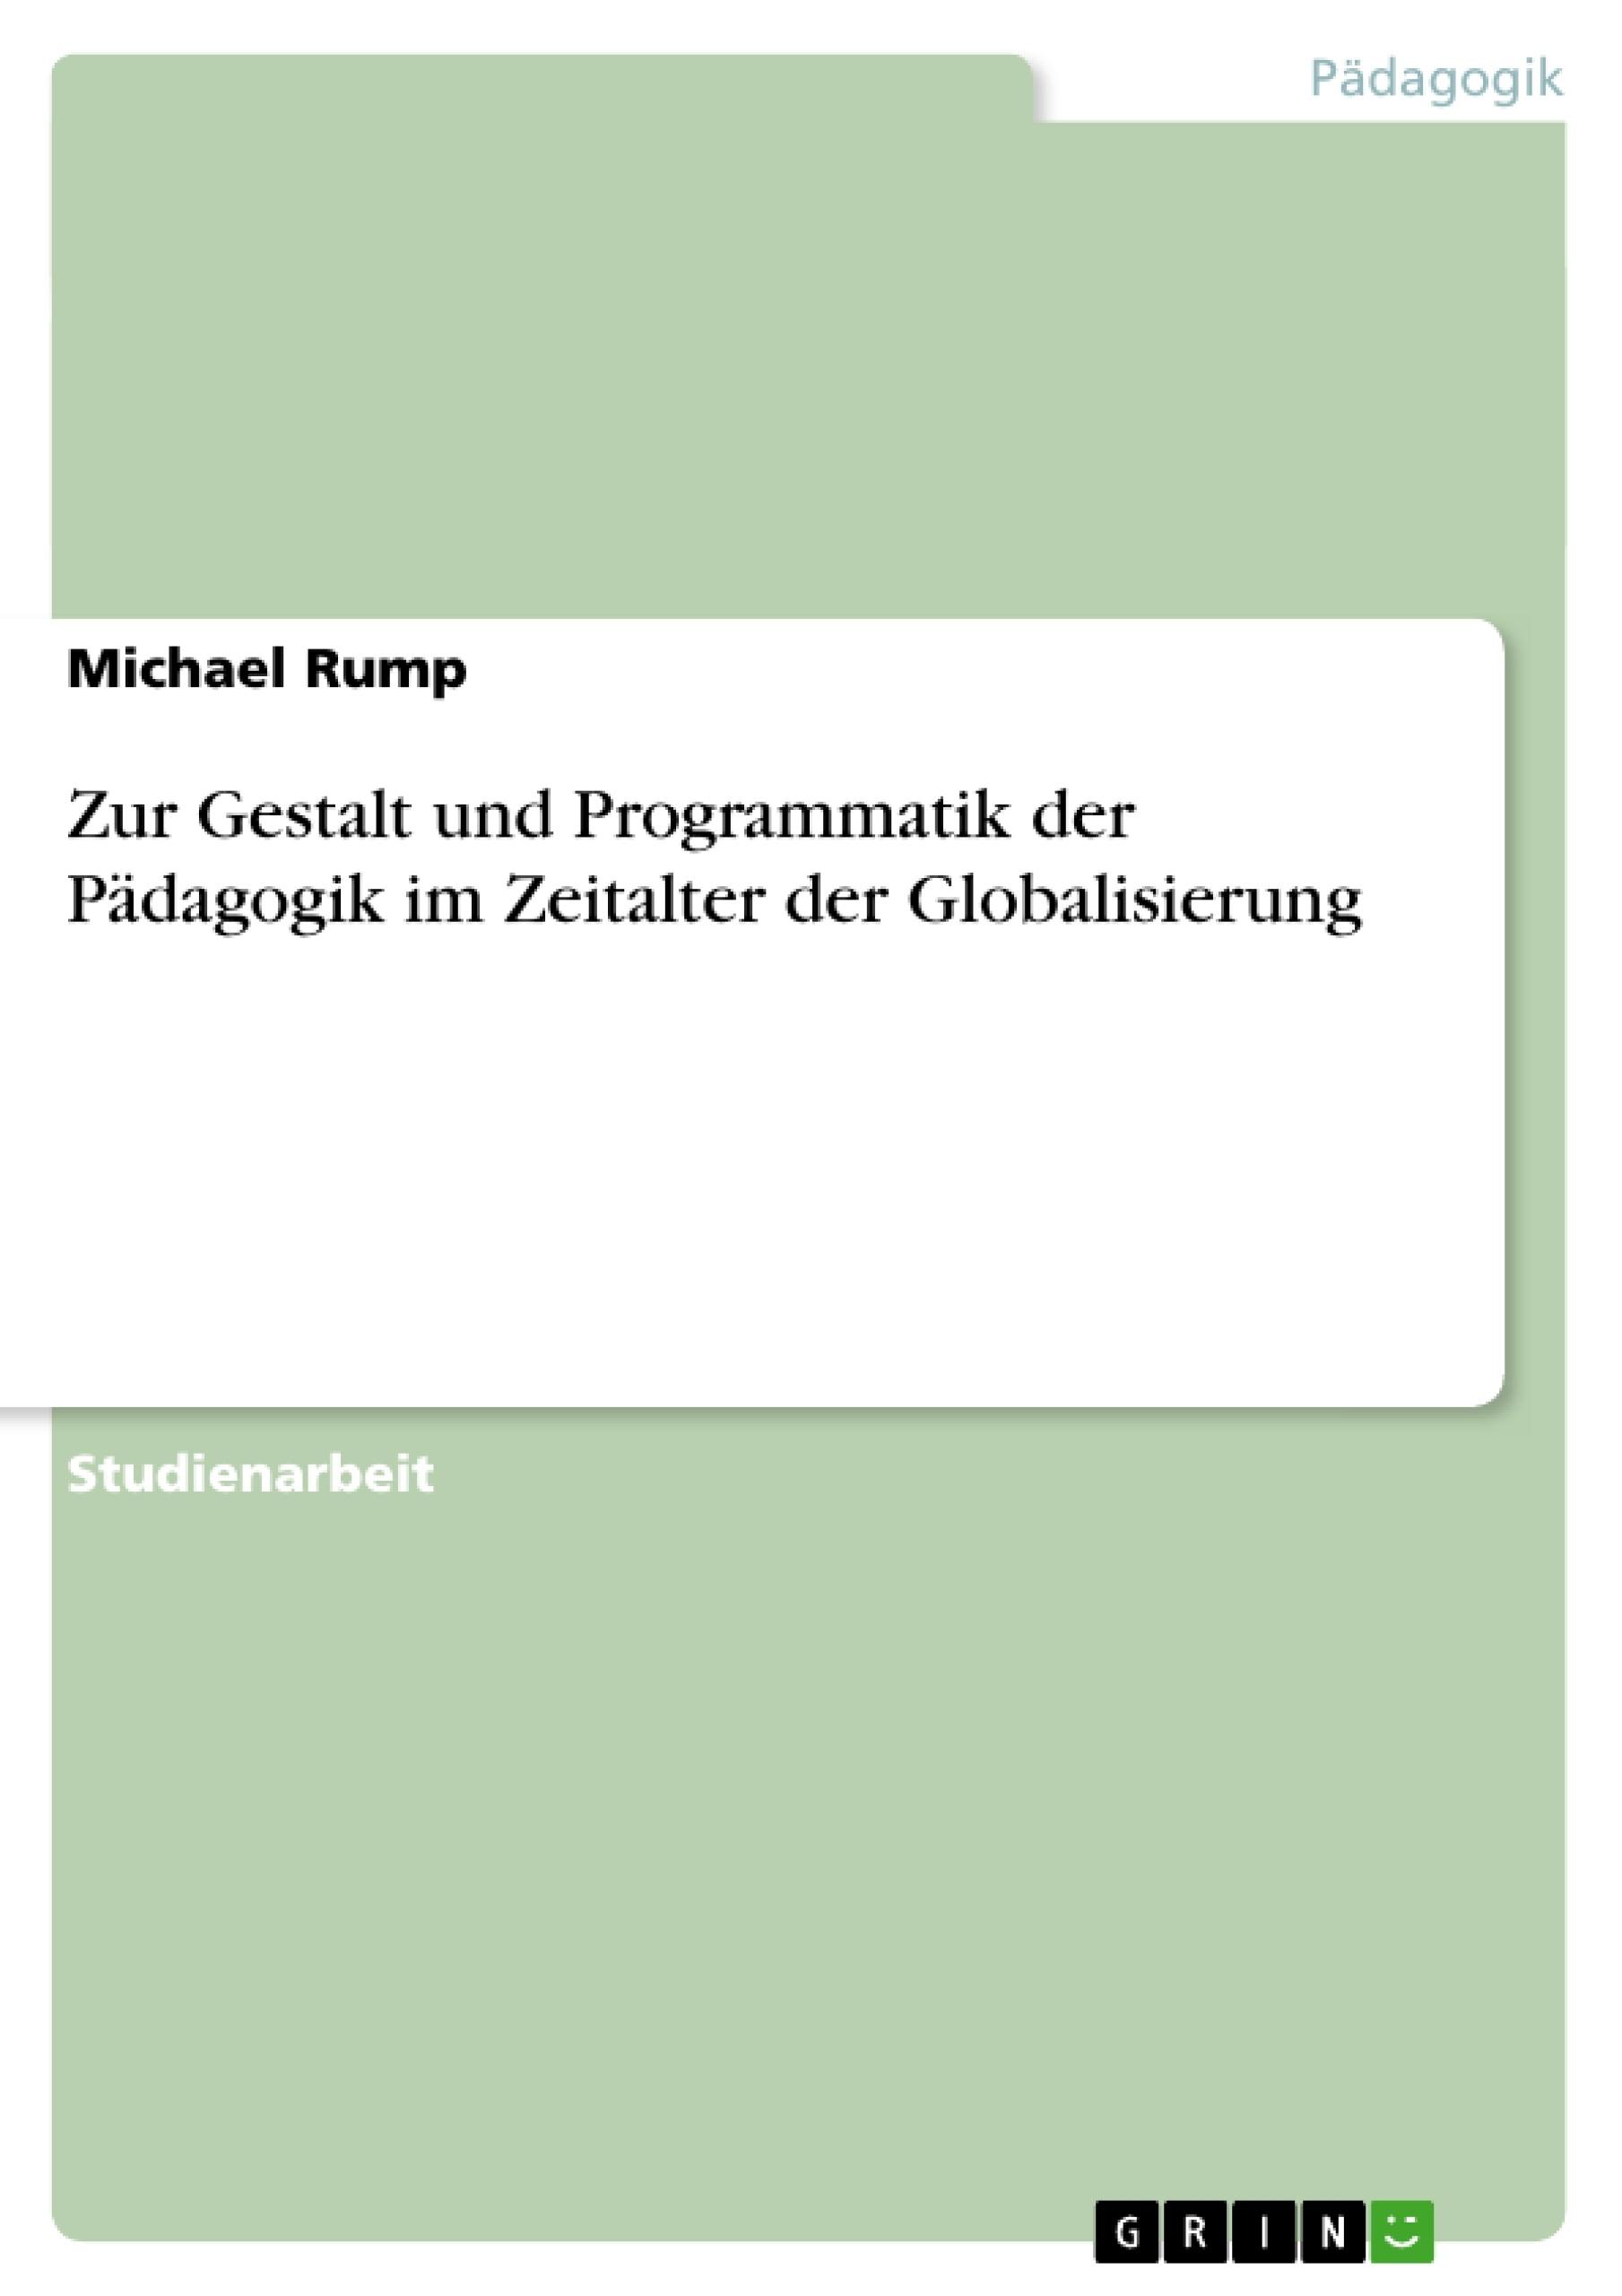 Titel: Zur Gestalt und Programmatik der Pädagogik im Zeitalter der Globalisierung